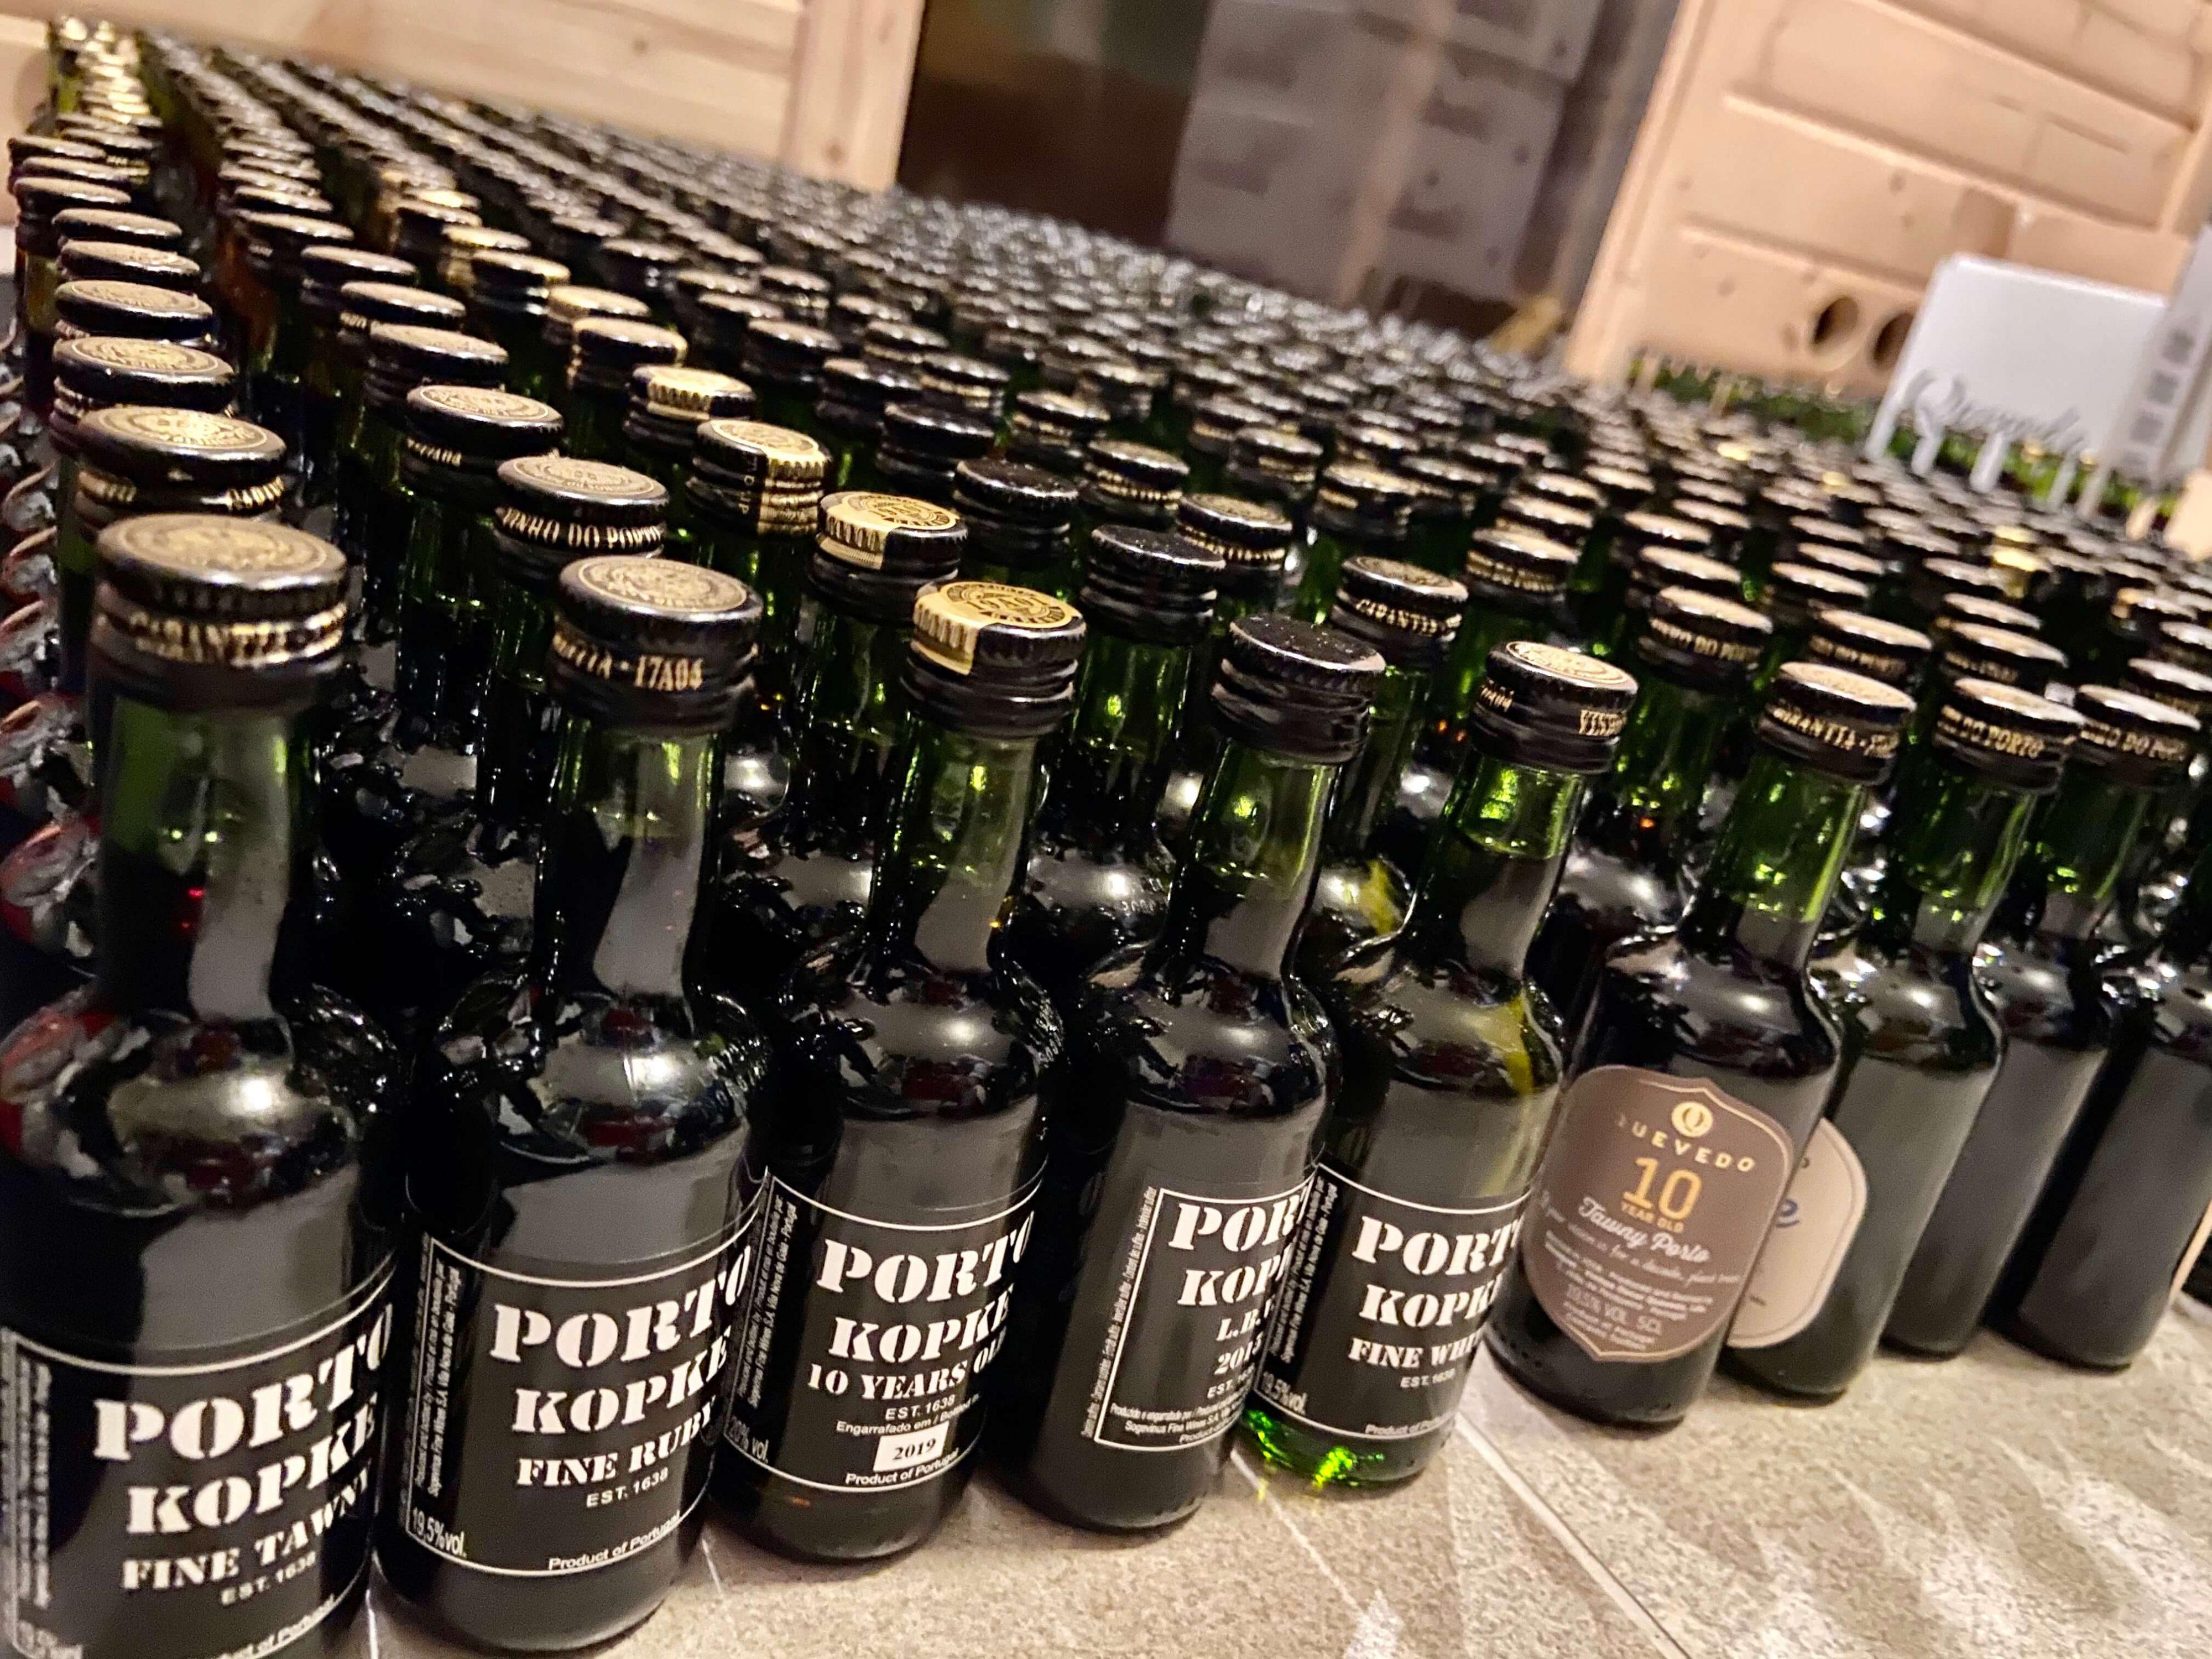 Verschiedene Portweine von Kopke im Portwein Adventskalender